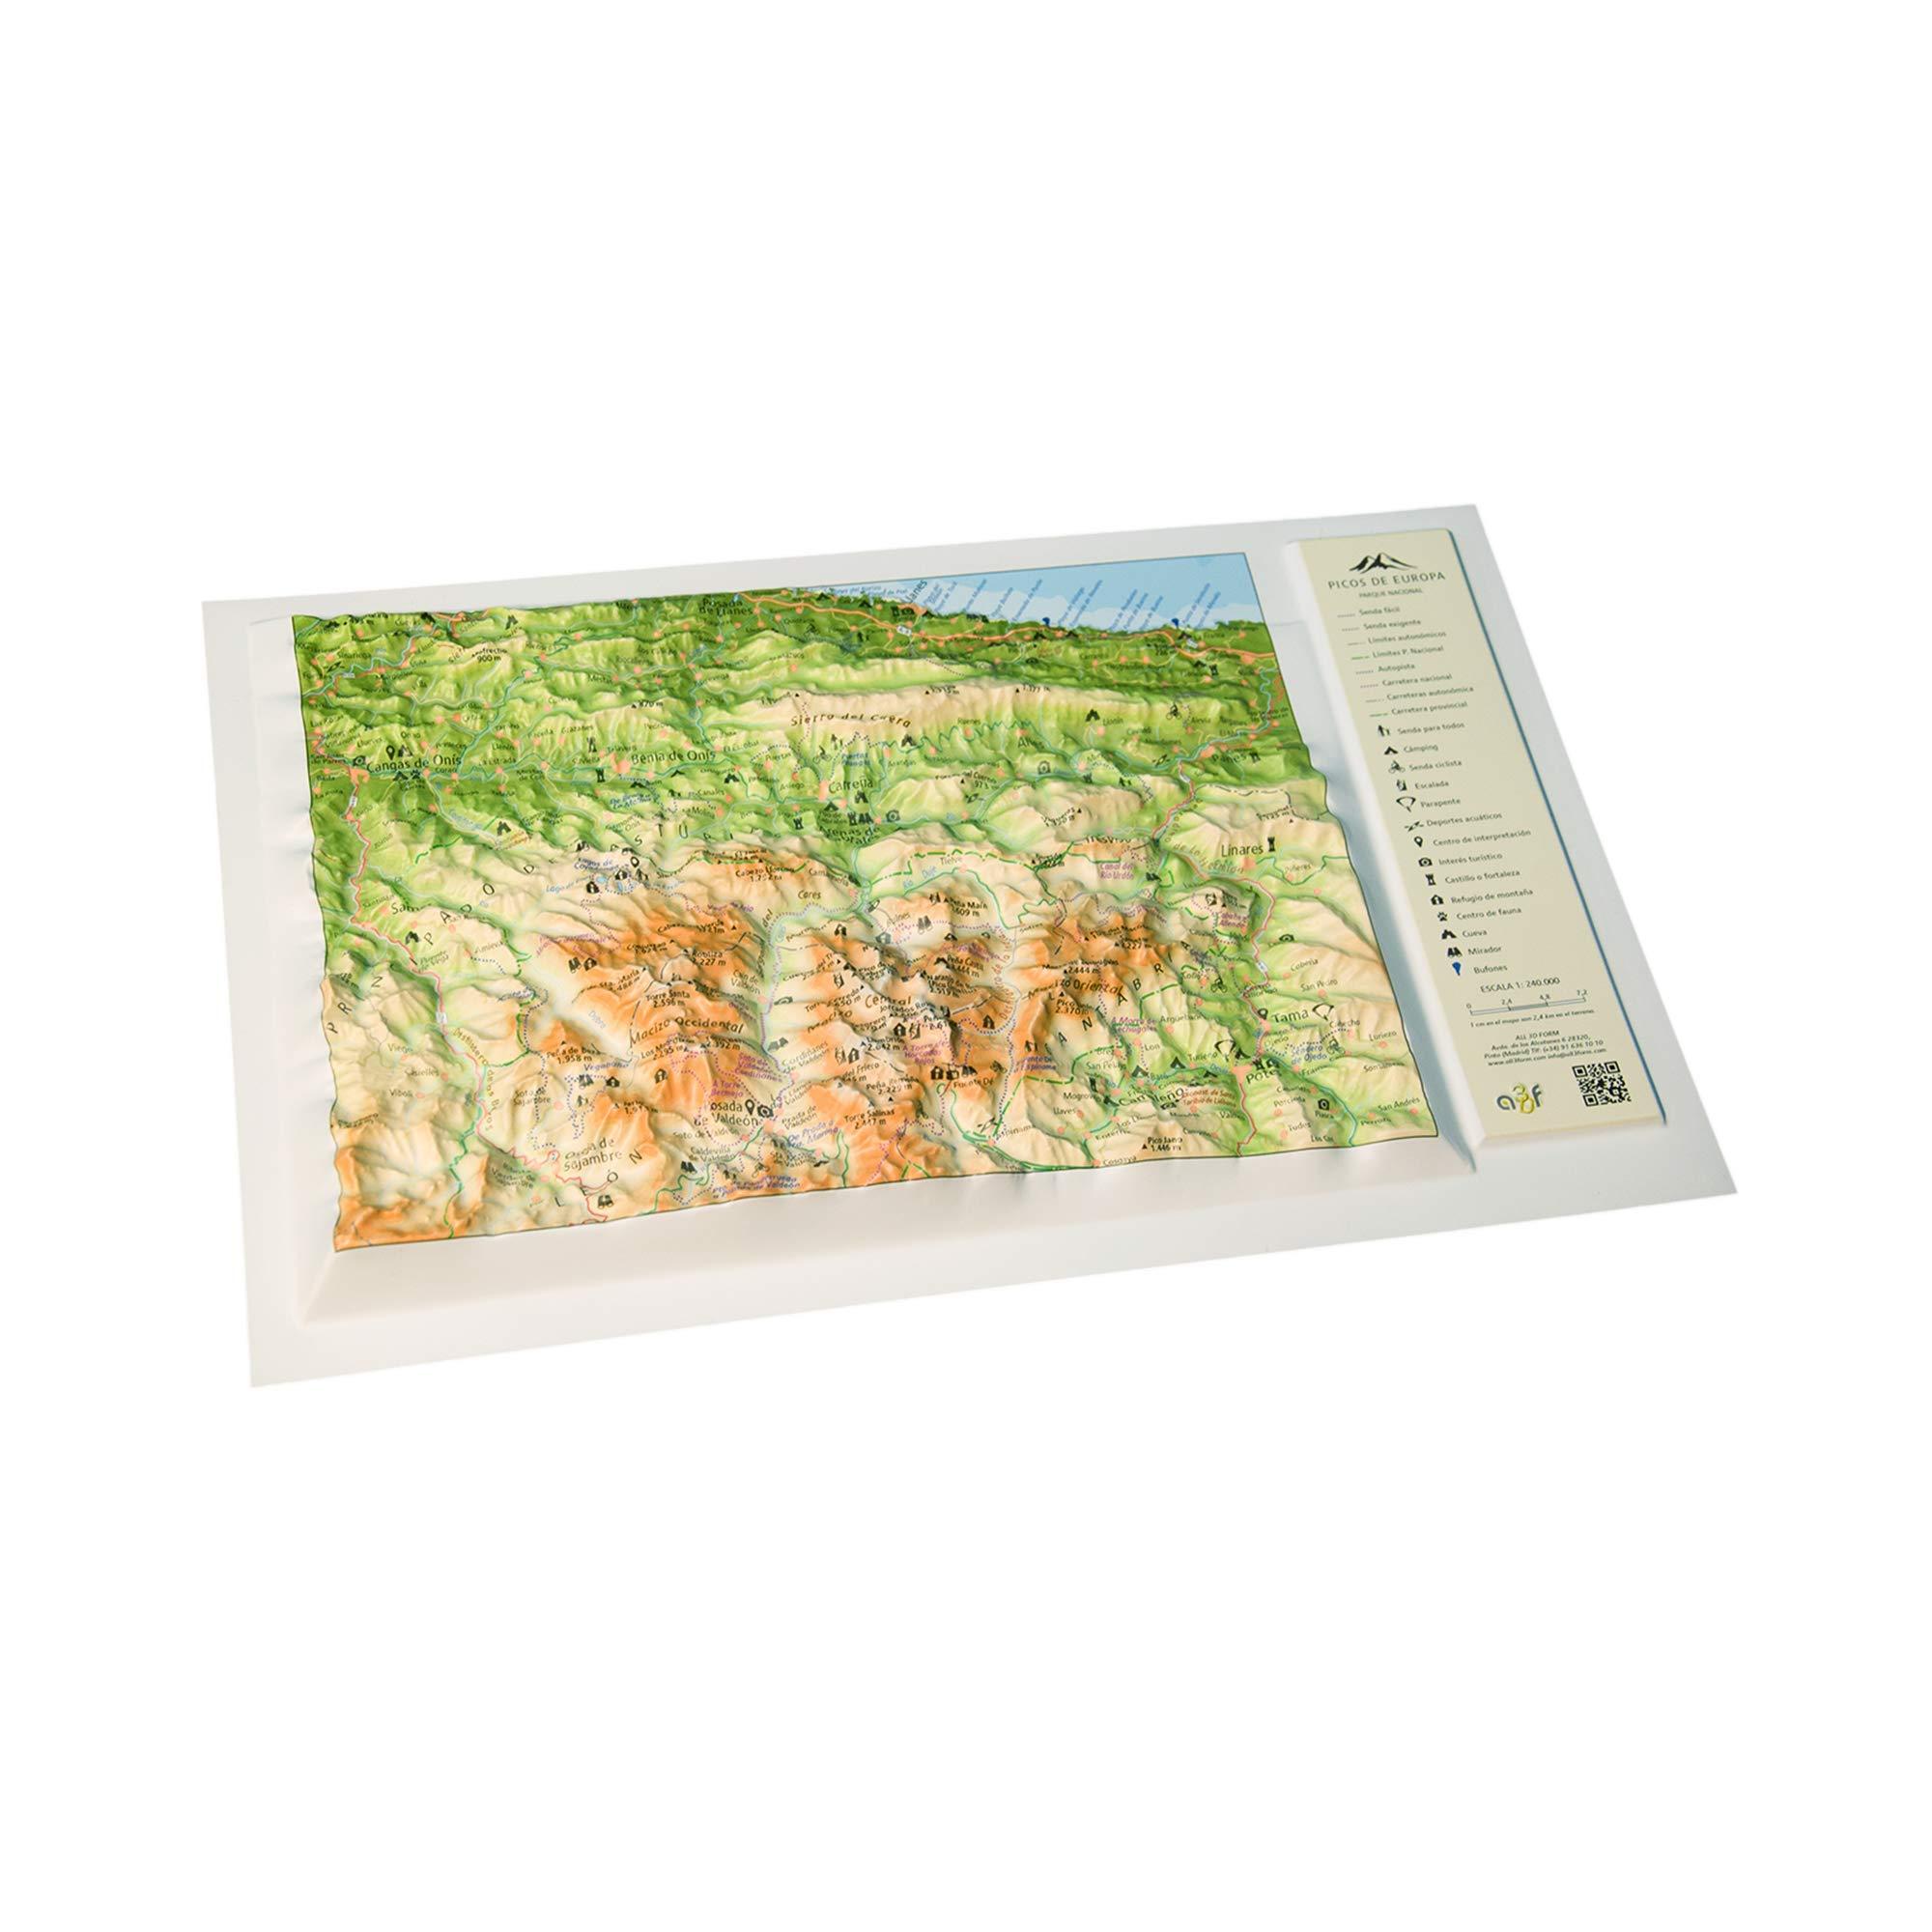 Mapa en relieve de los Picos de Europa: Escala 1:240.000: Amazon.es: All 3D Form, S.L.: Libros